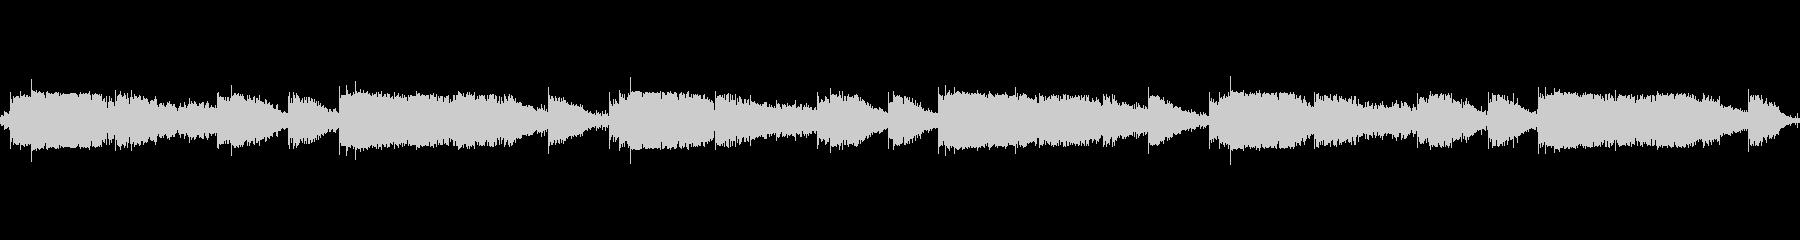 森をイメージしたアロマに合う音楽の未再生の波形